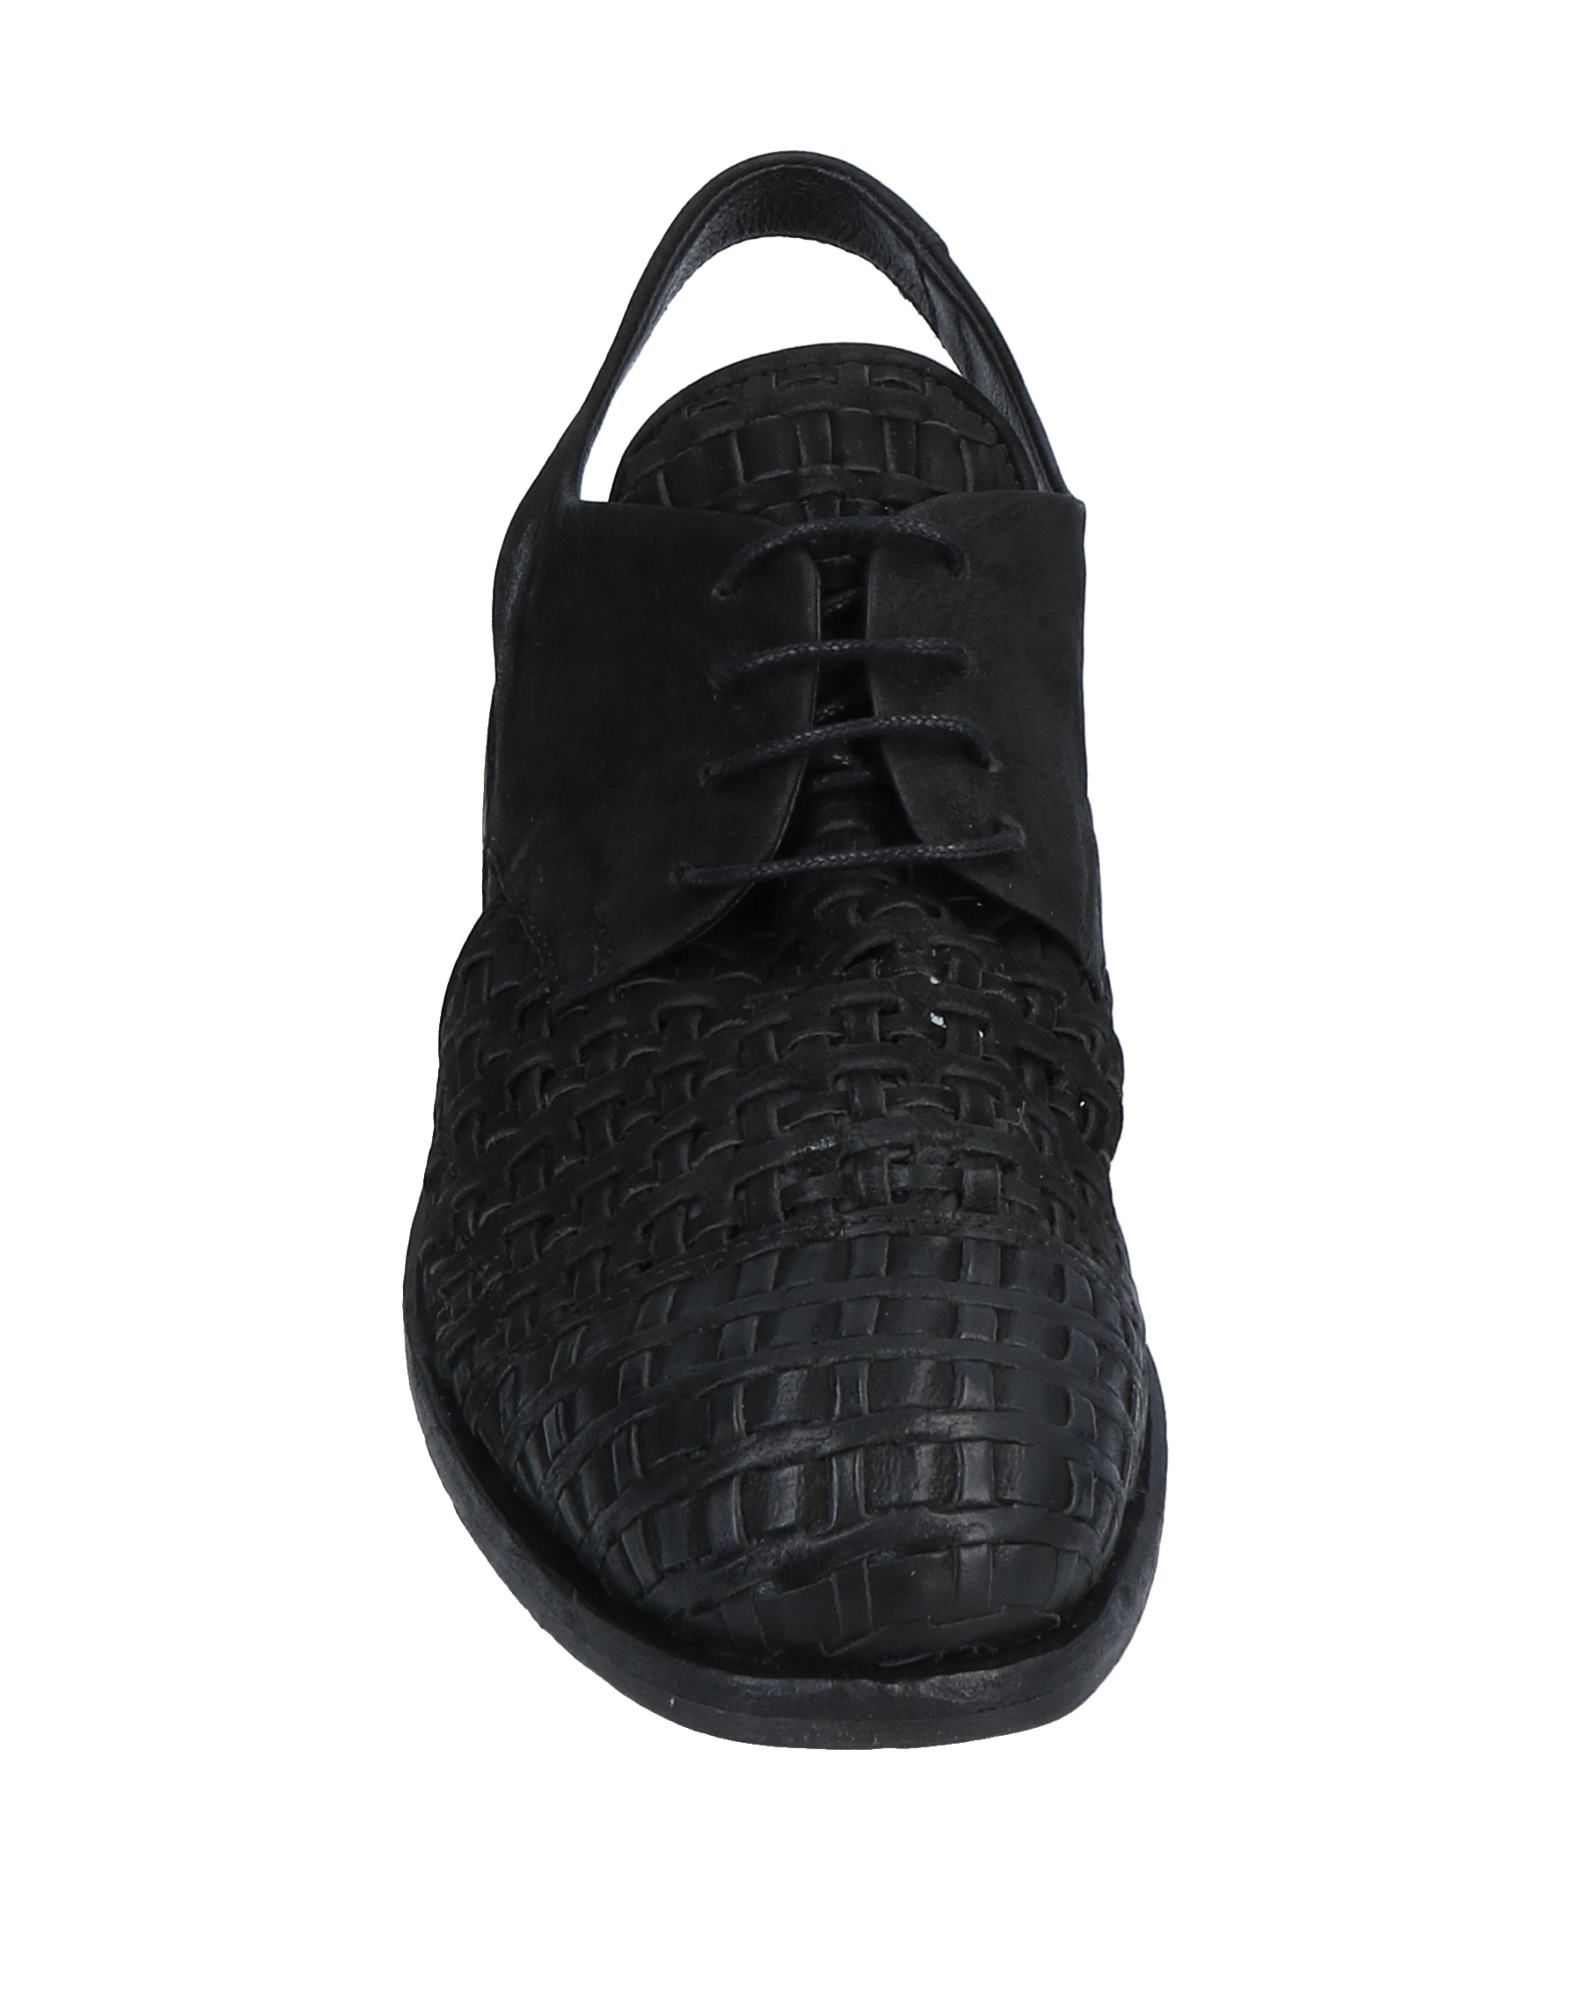 Stilvolle billige Schnürschuhe Schuhe Fru.It Schnürschuhe billige Damen  11567101WL 93c318